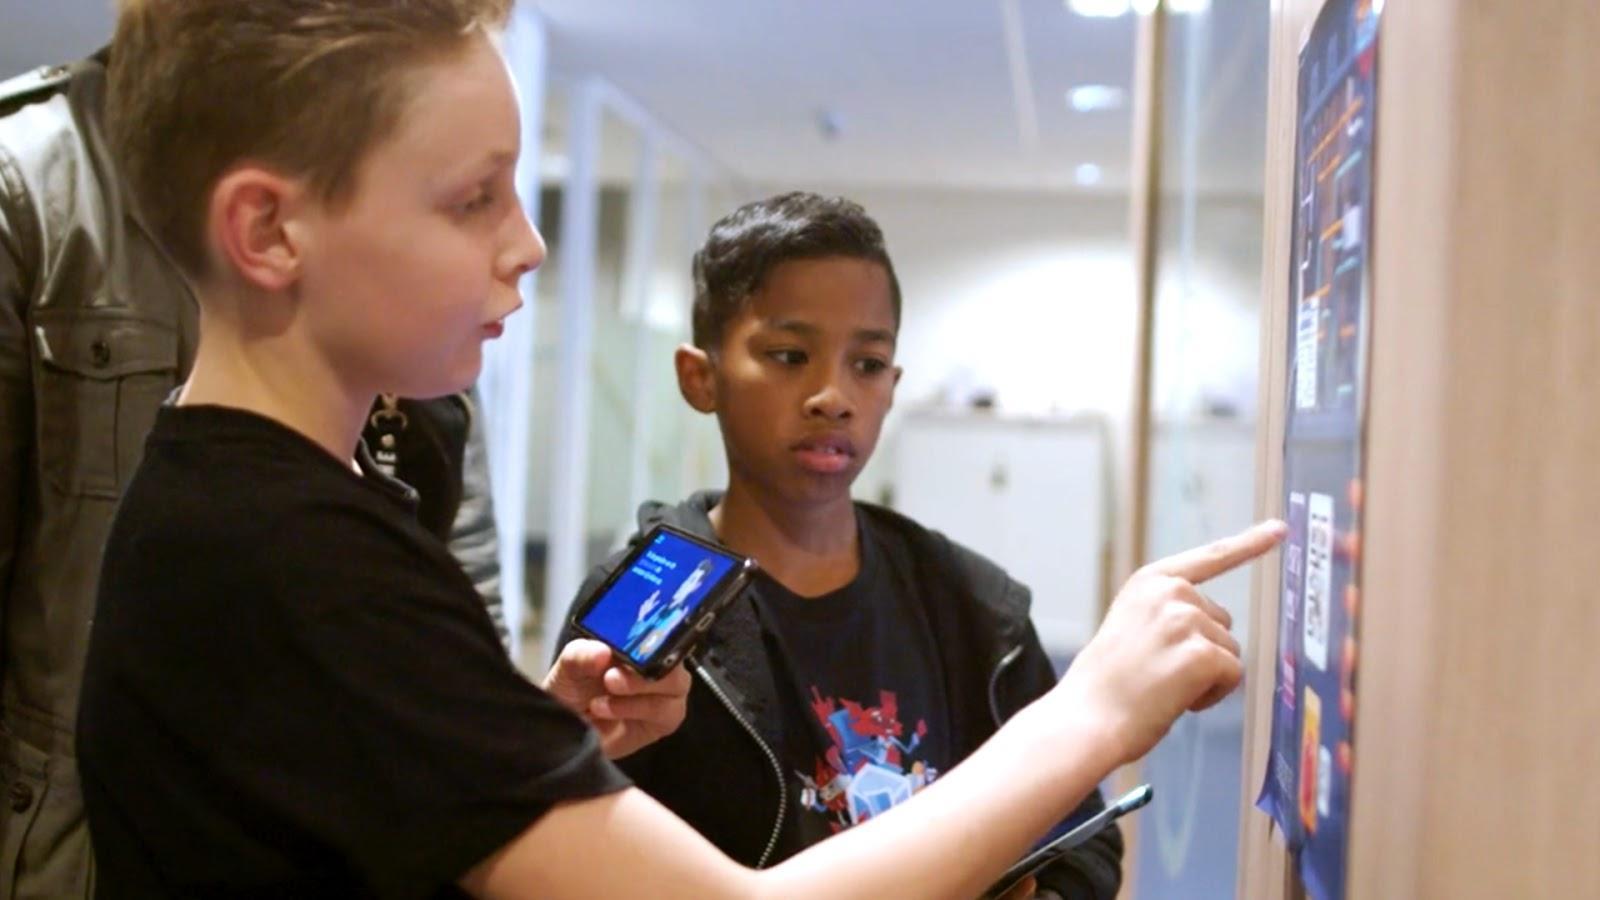 Kinderen tussen 8 en 12 jaar uit Alkmaar, Heerhugowaard en Langedijk opgeleid tot 'cyberagent': 'Vroeger hielpen scouts een oma met oversteken. Straks leren jonge cyberagenten oma een phishingmail herkennen'